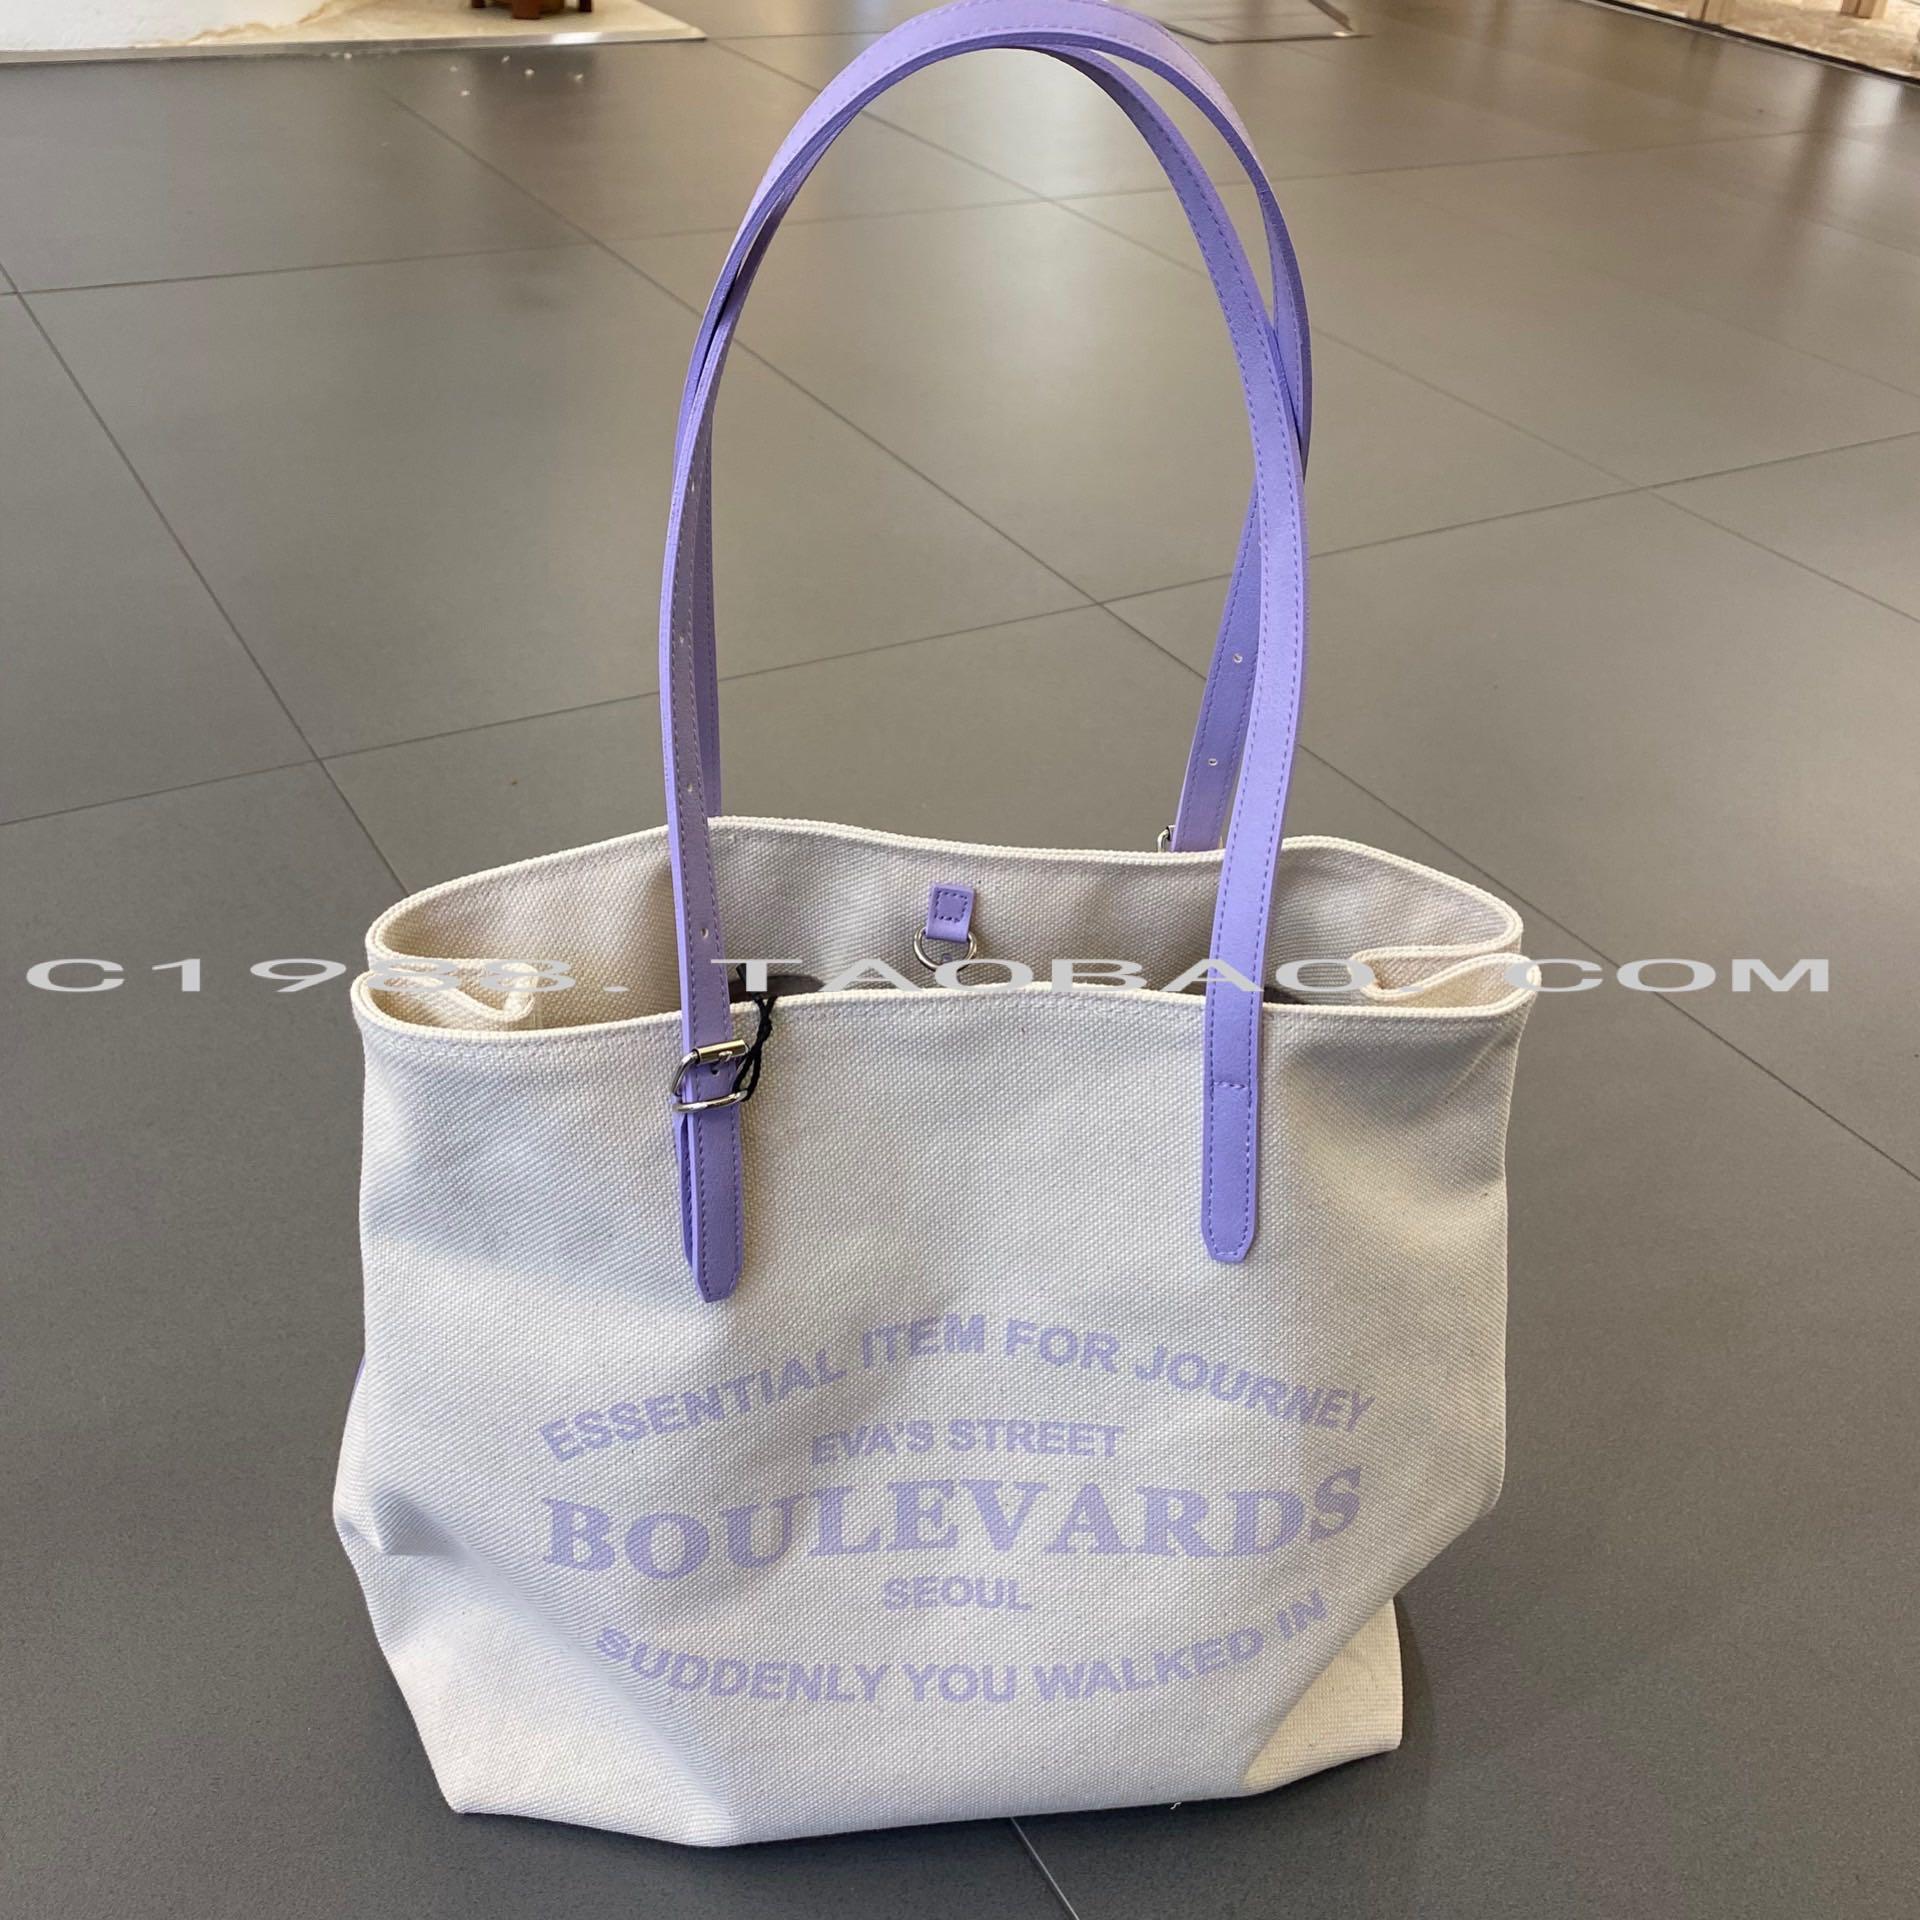 紫色帆布包 紫色帆布包韩国代购新简约百搭大容量单肩包女休闲包ins风_推荐淘宝好看的紫色帆布包